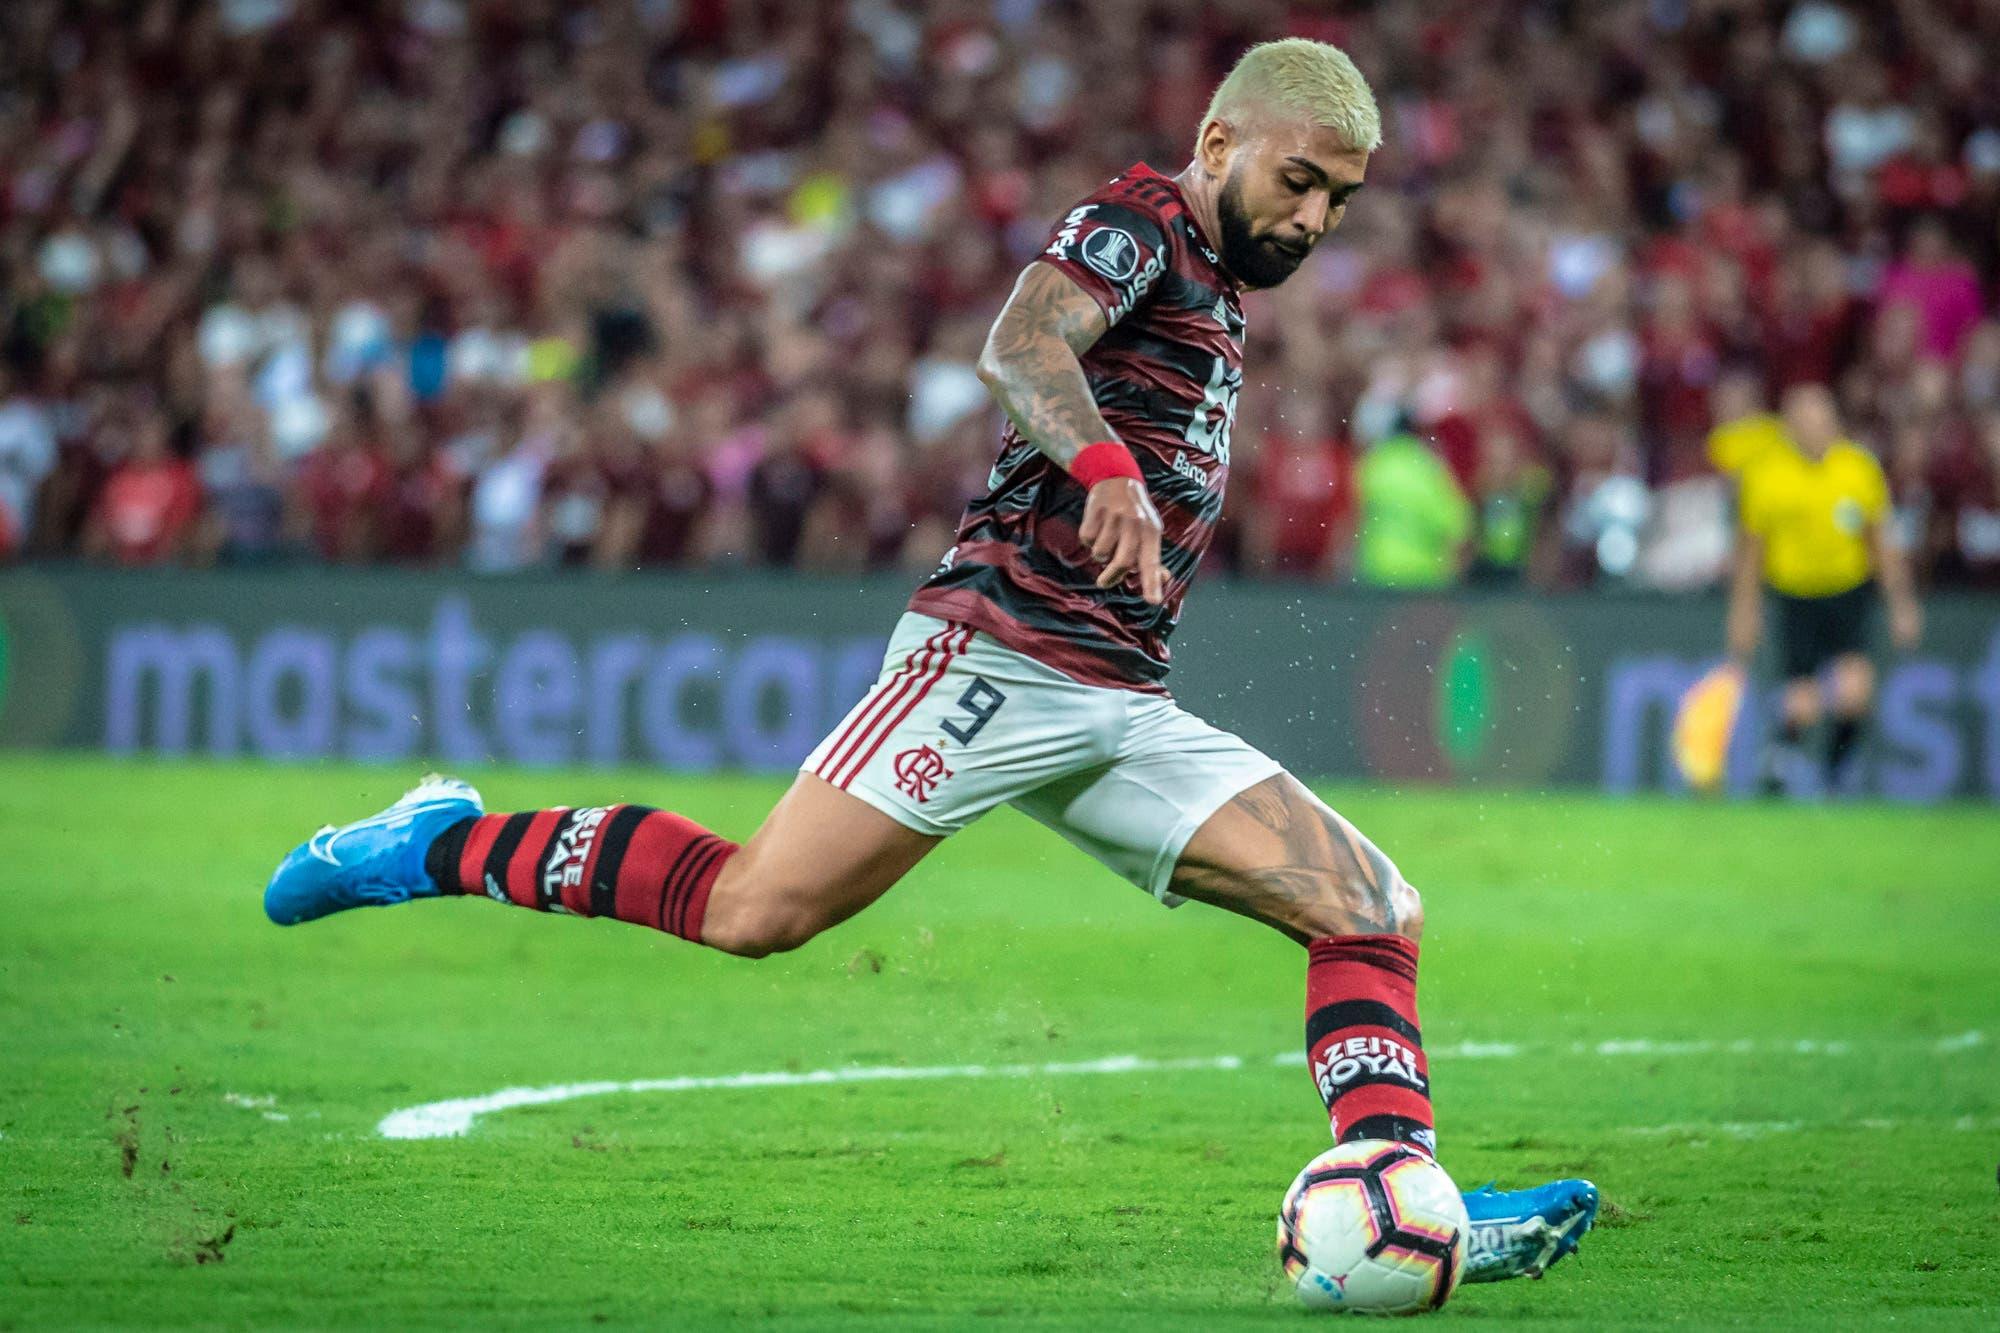 Datos, números y hasta bufandas: por qué Flamengo y Gabigol meten miedo y sus hinchas ya festejan